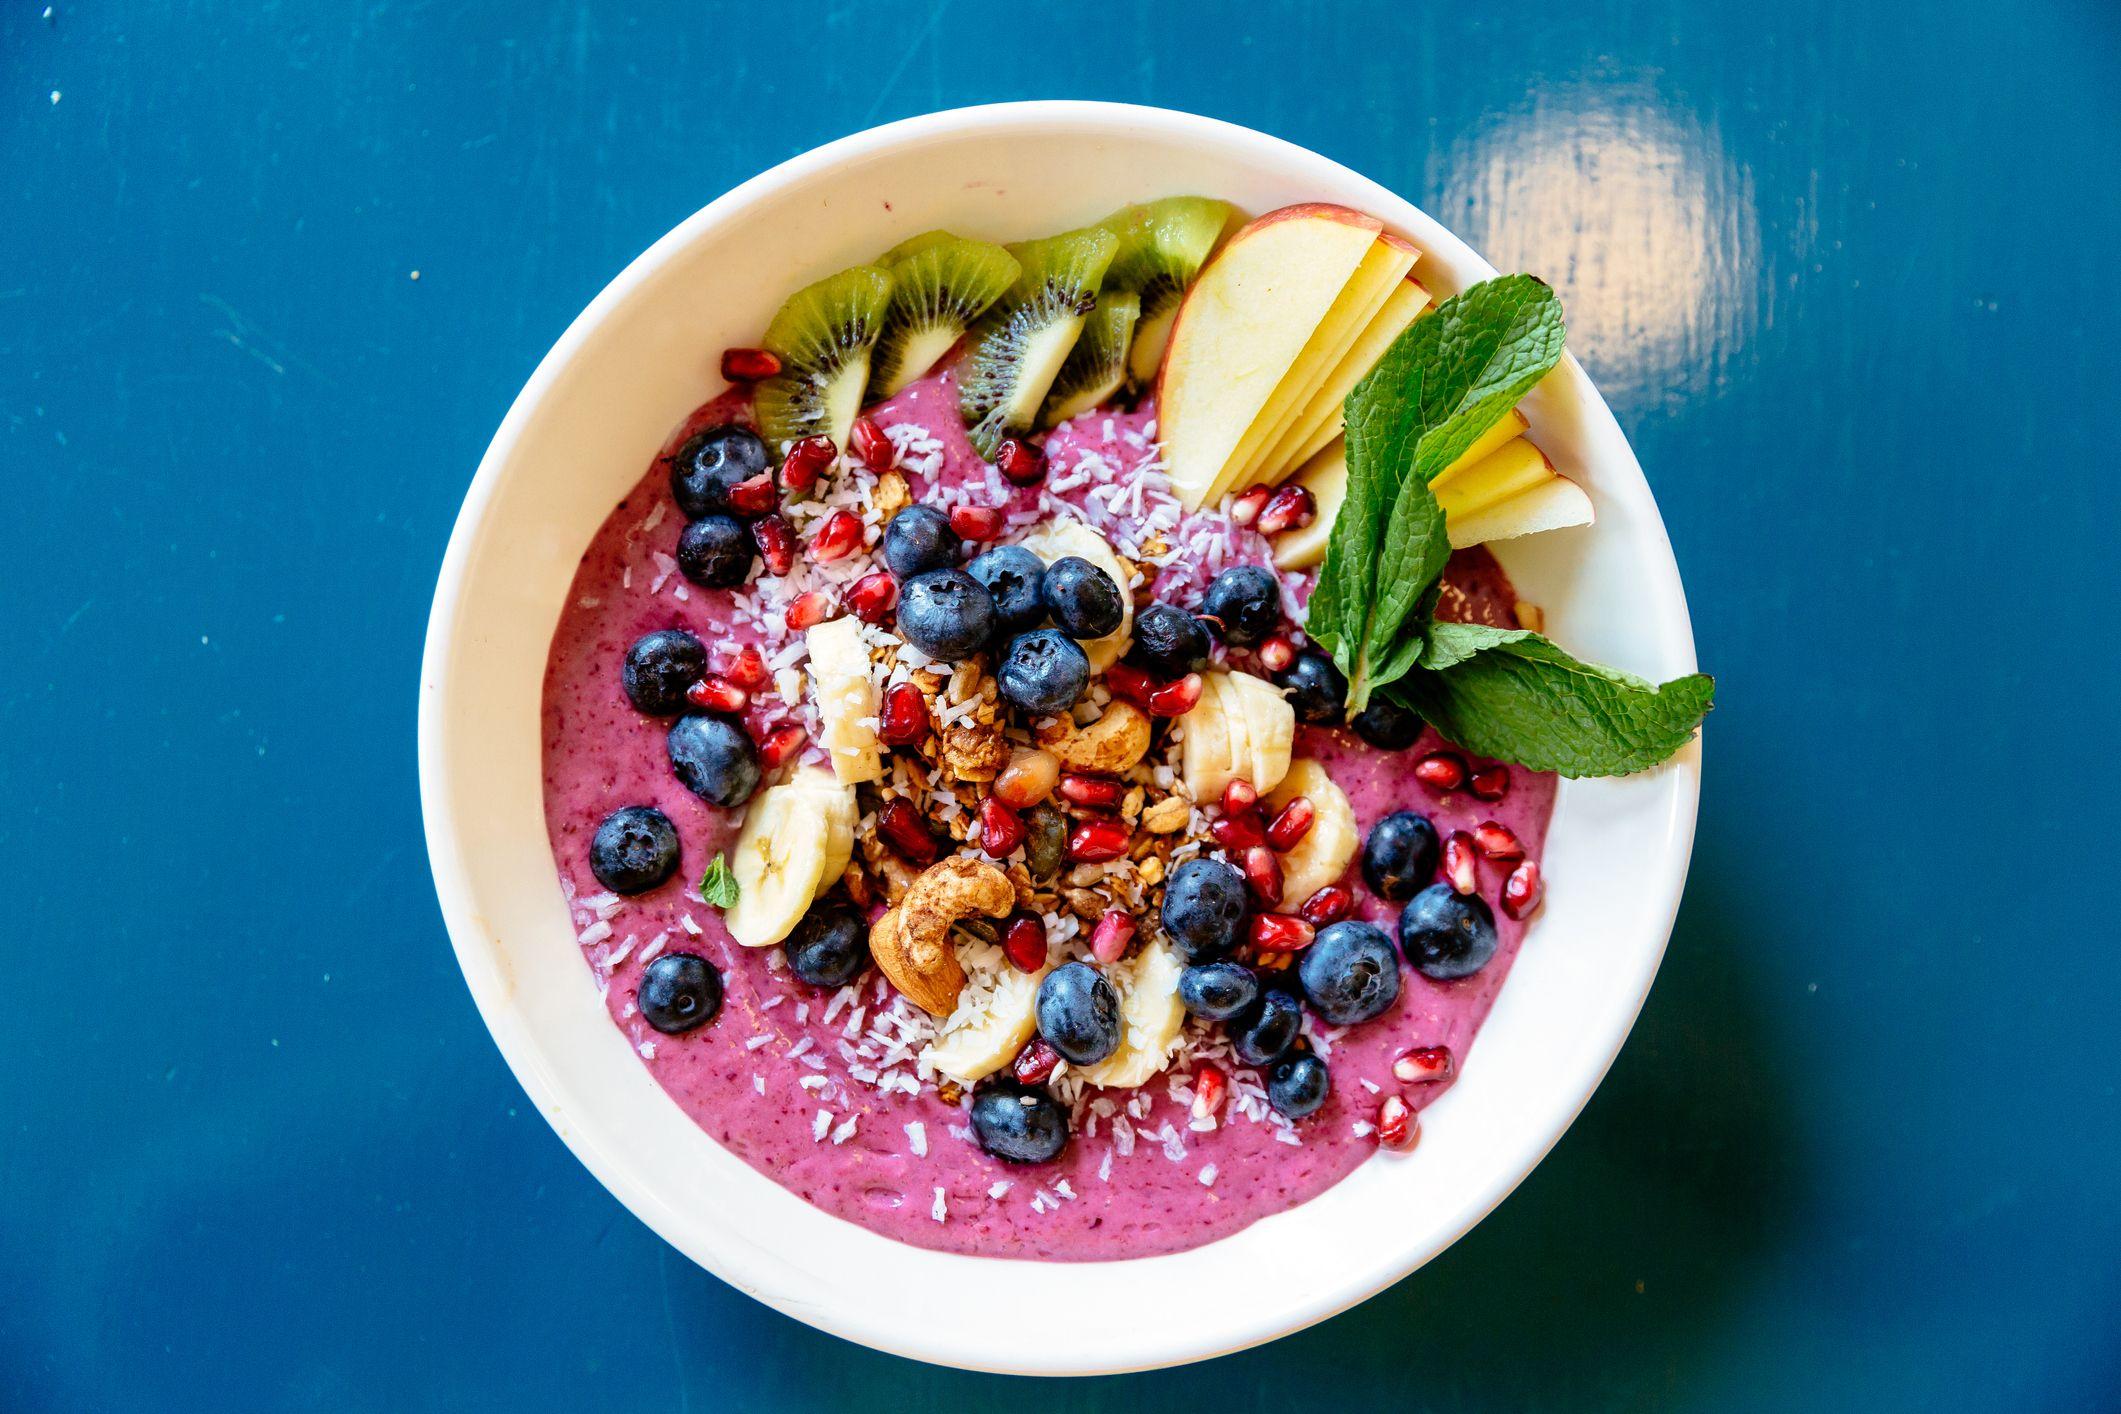 най-добрите идеи за закуска за диабет гръцка купа с кисело мляко